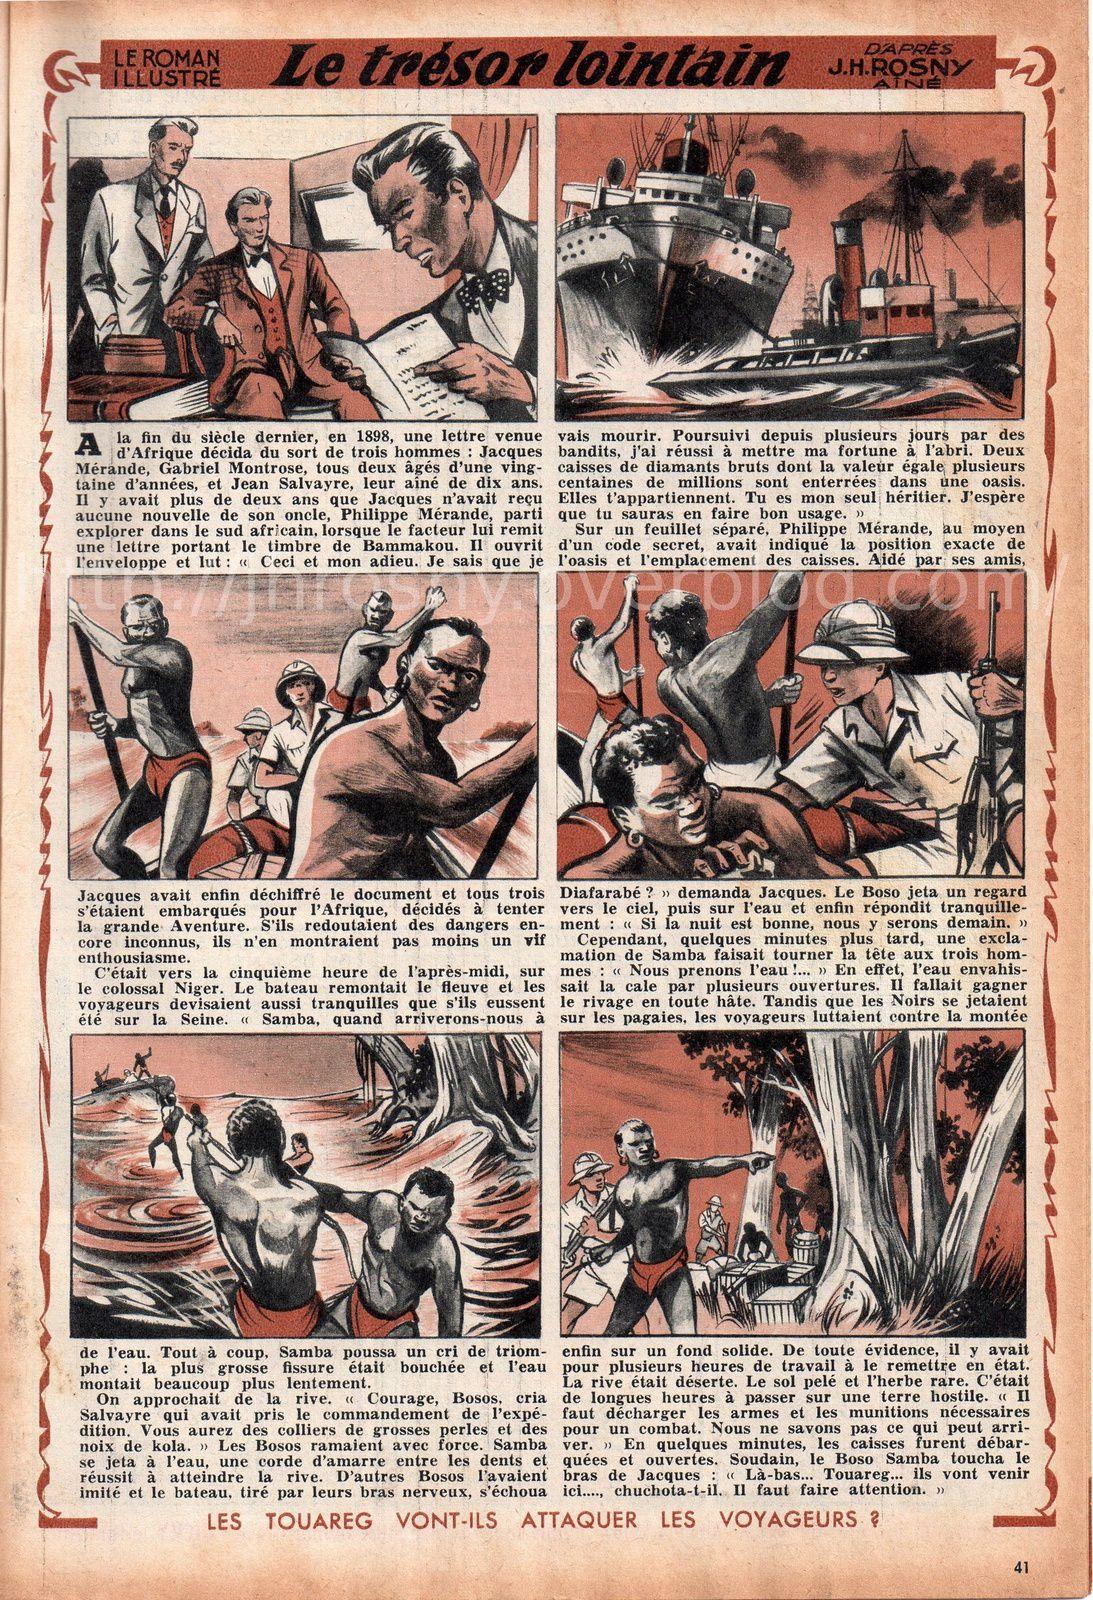 """J.-H. Rosny aîné """"Le Trésor lointain"""", par Pierdec (L'Intrépide n°417 - 1957)"""